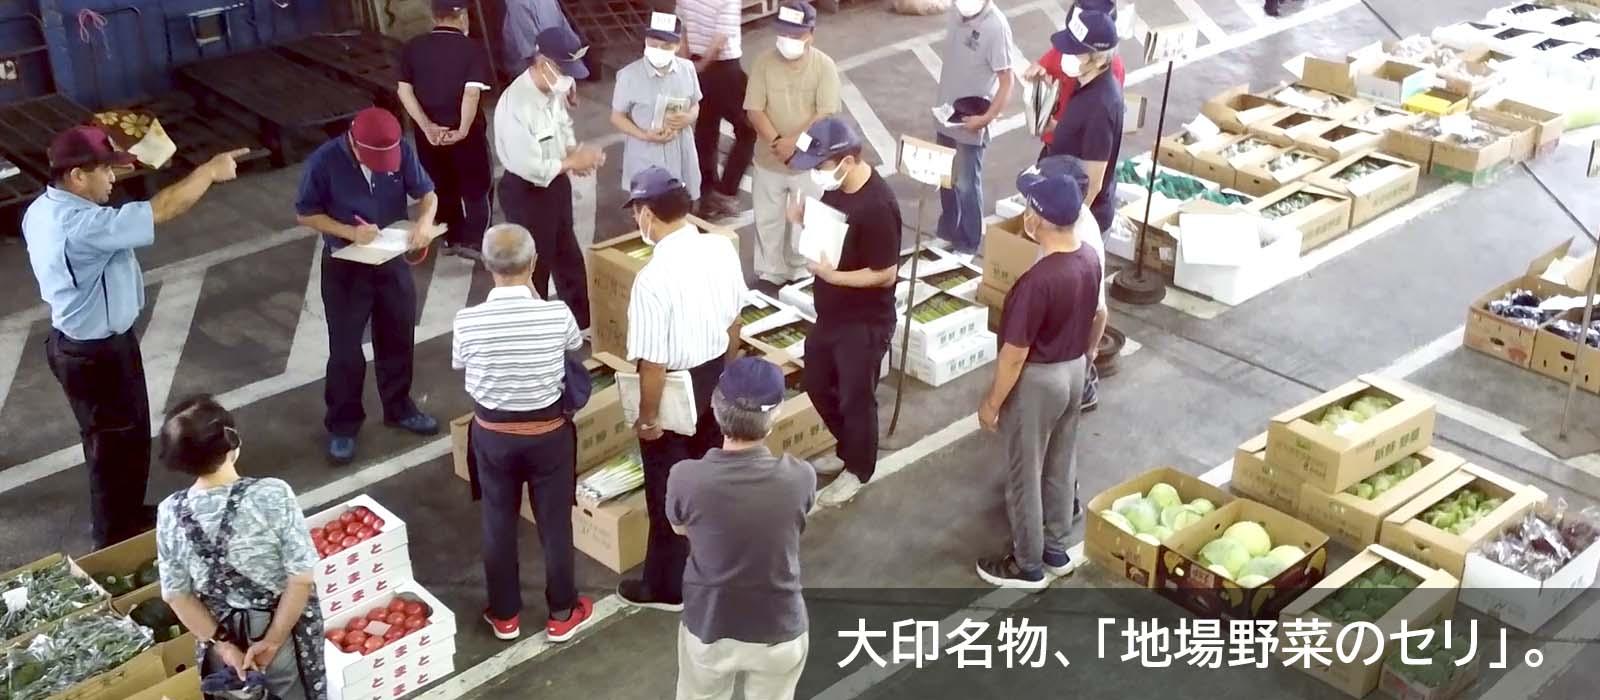 動画サムネイル:【大印】大館市青果魚類卸売㈱採用動画